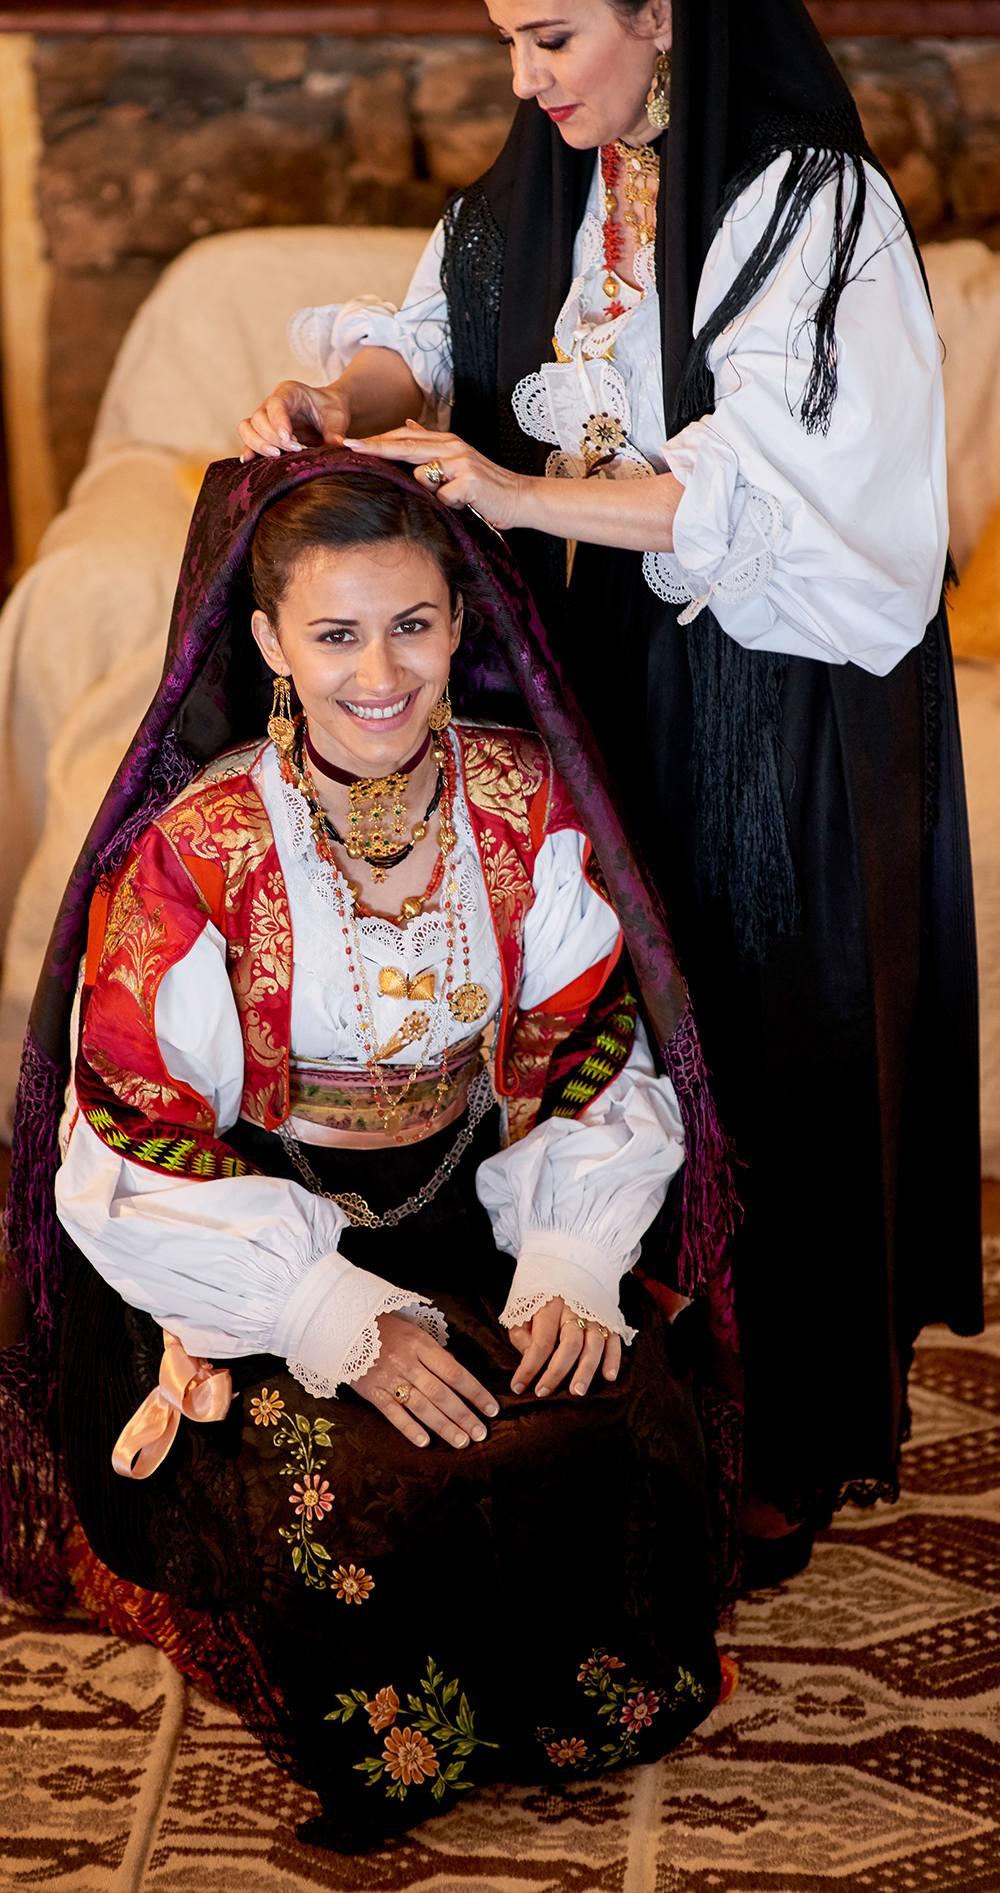 уникальные фотографии традиционного свадебного костюма в Италии